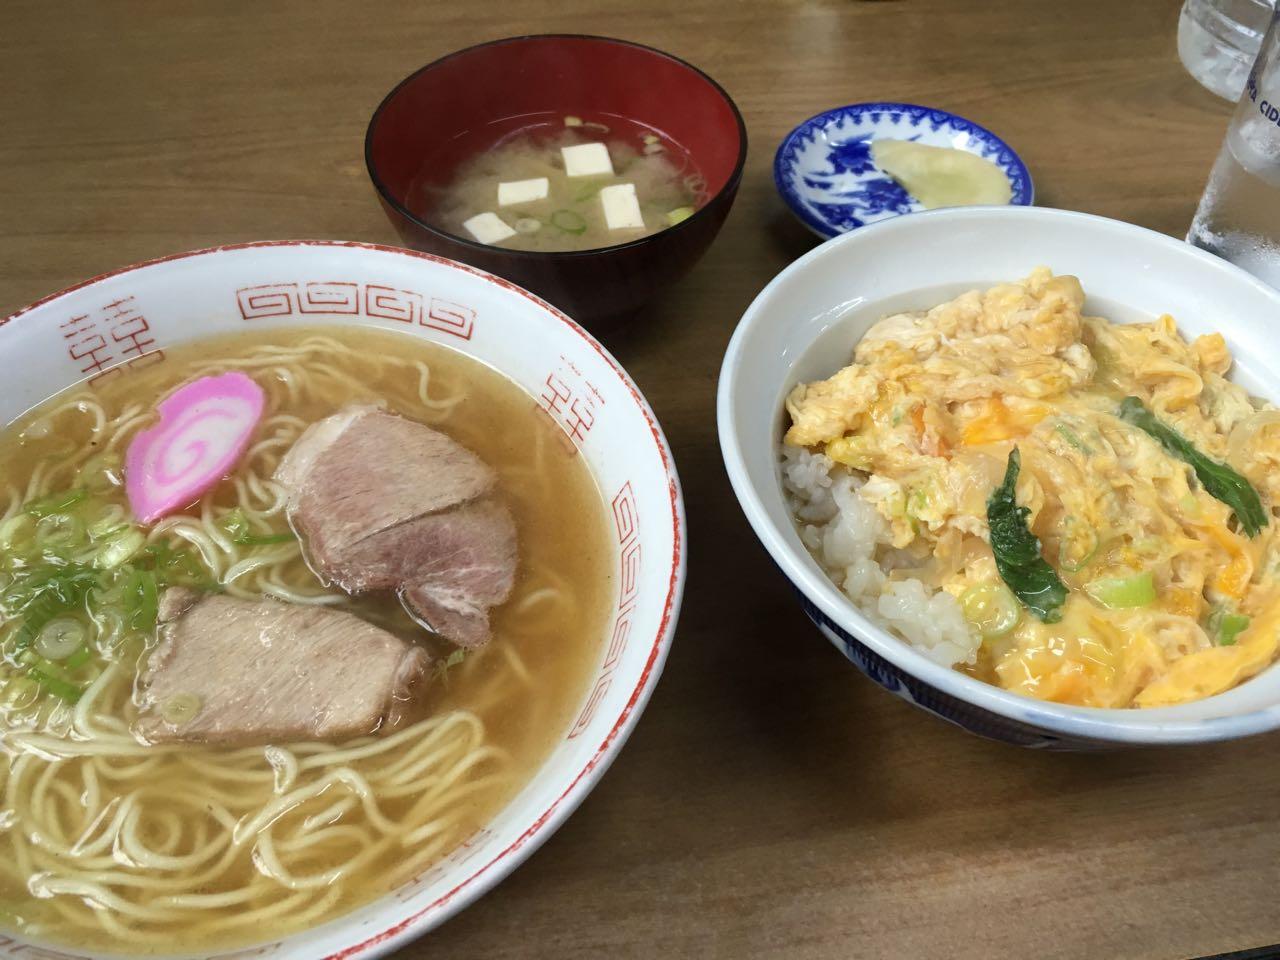 みとん今治,老舗,公園堂食堂,美須賀町,定食